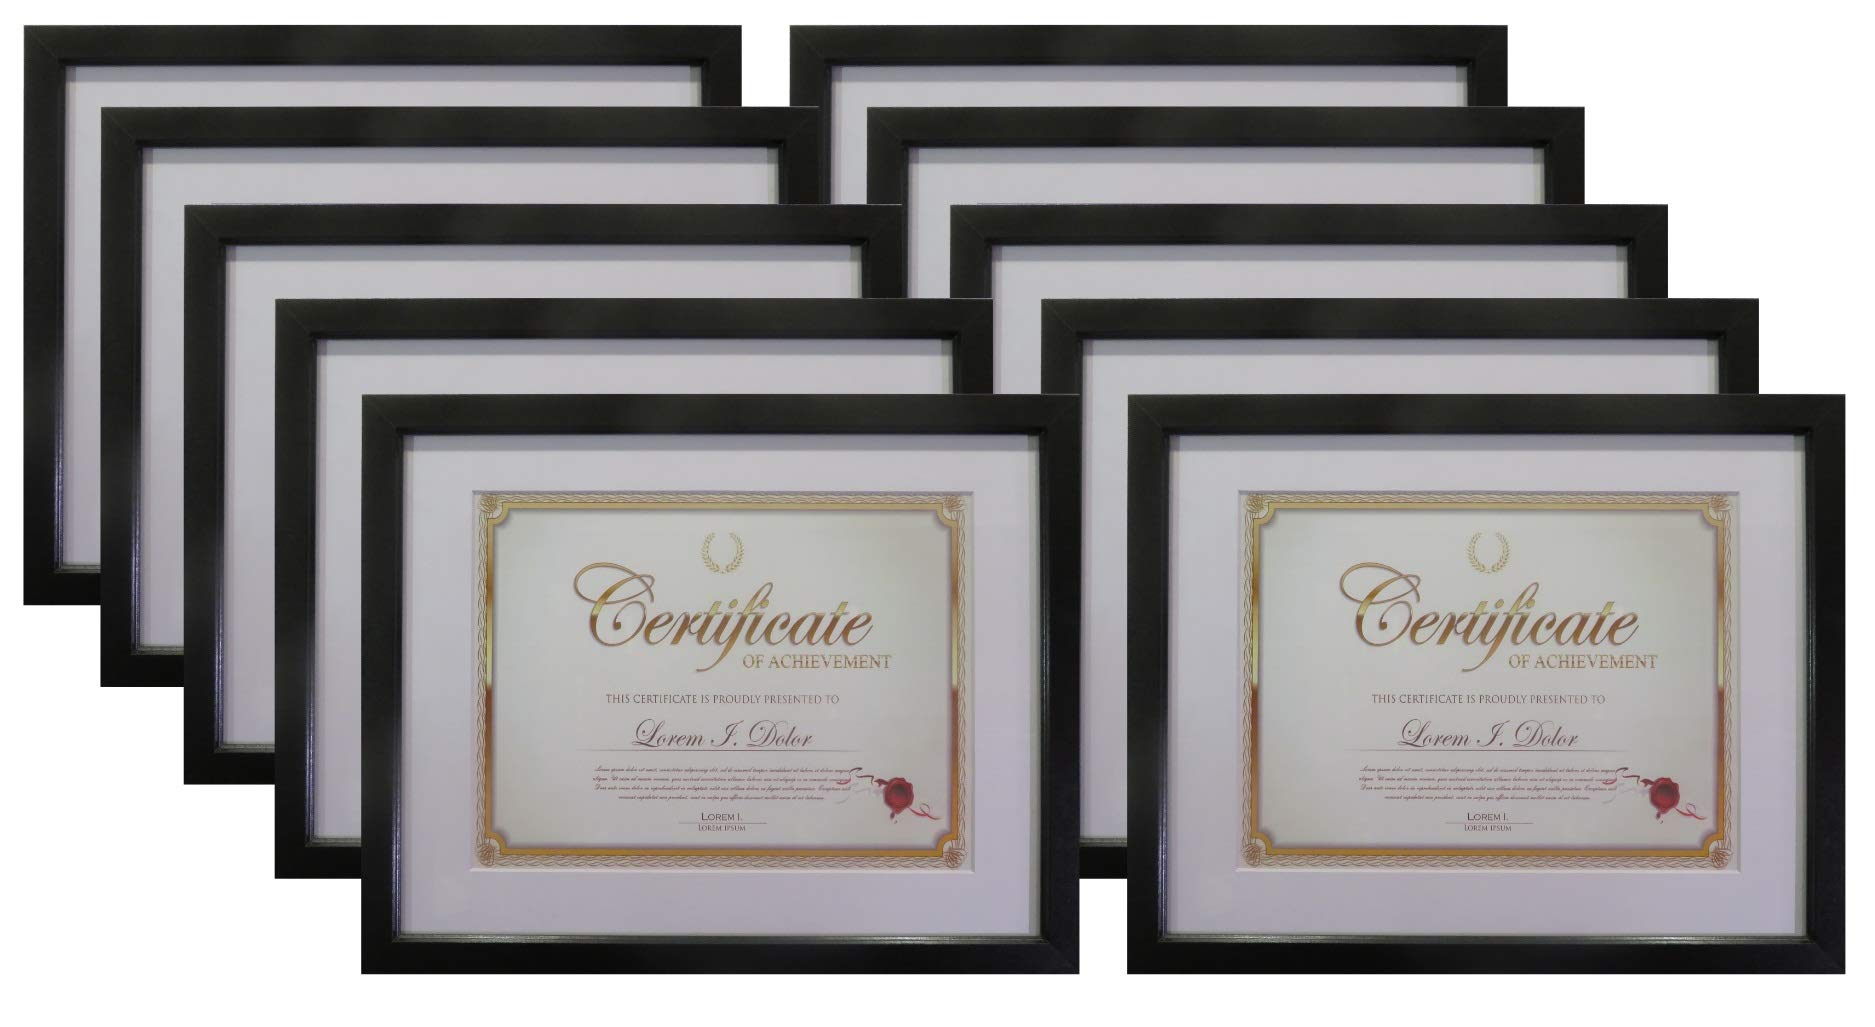 Frame Amo 11x14 Black Wood Certificate Frame, White Mat for 8.5x11 Document, Flat Border, 10-Pack